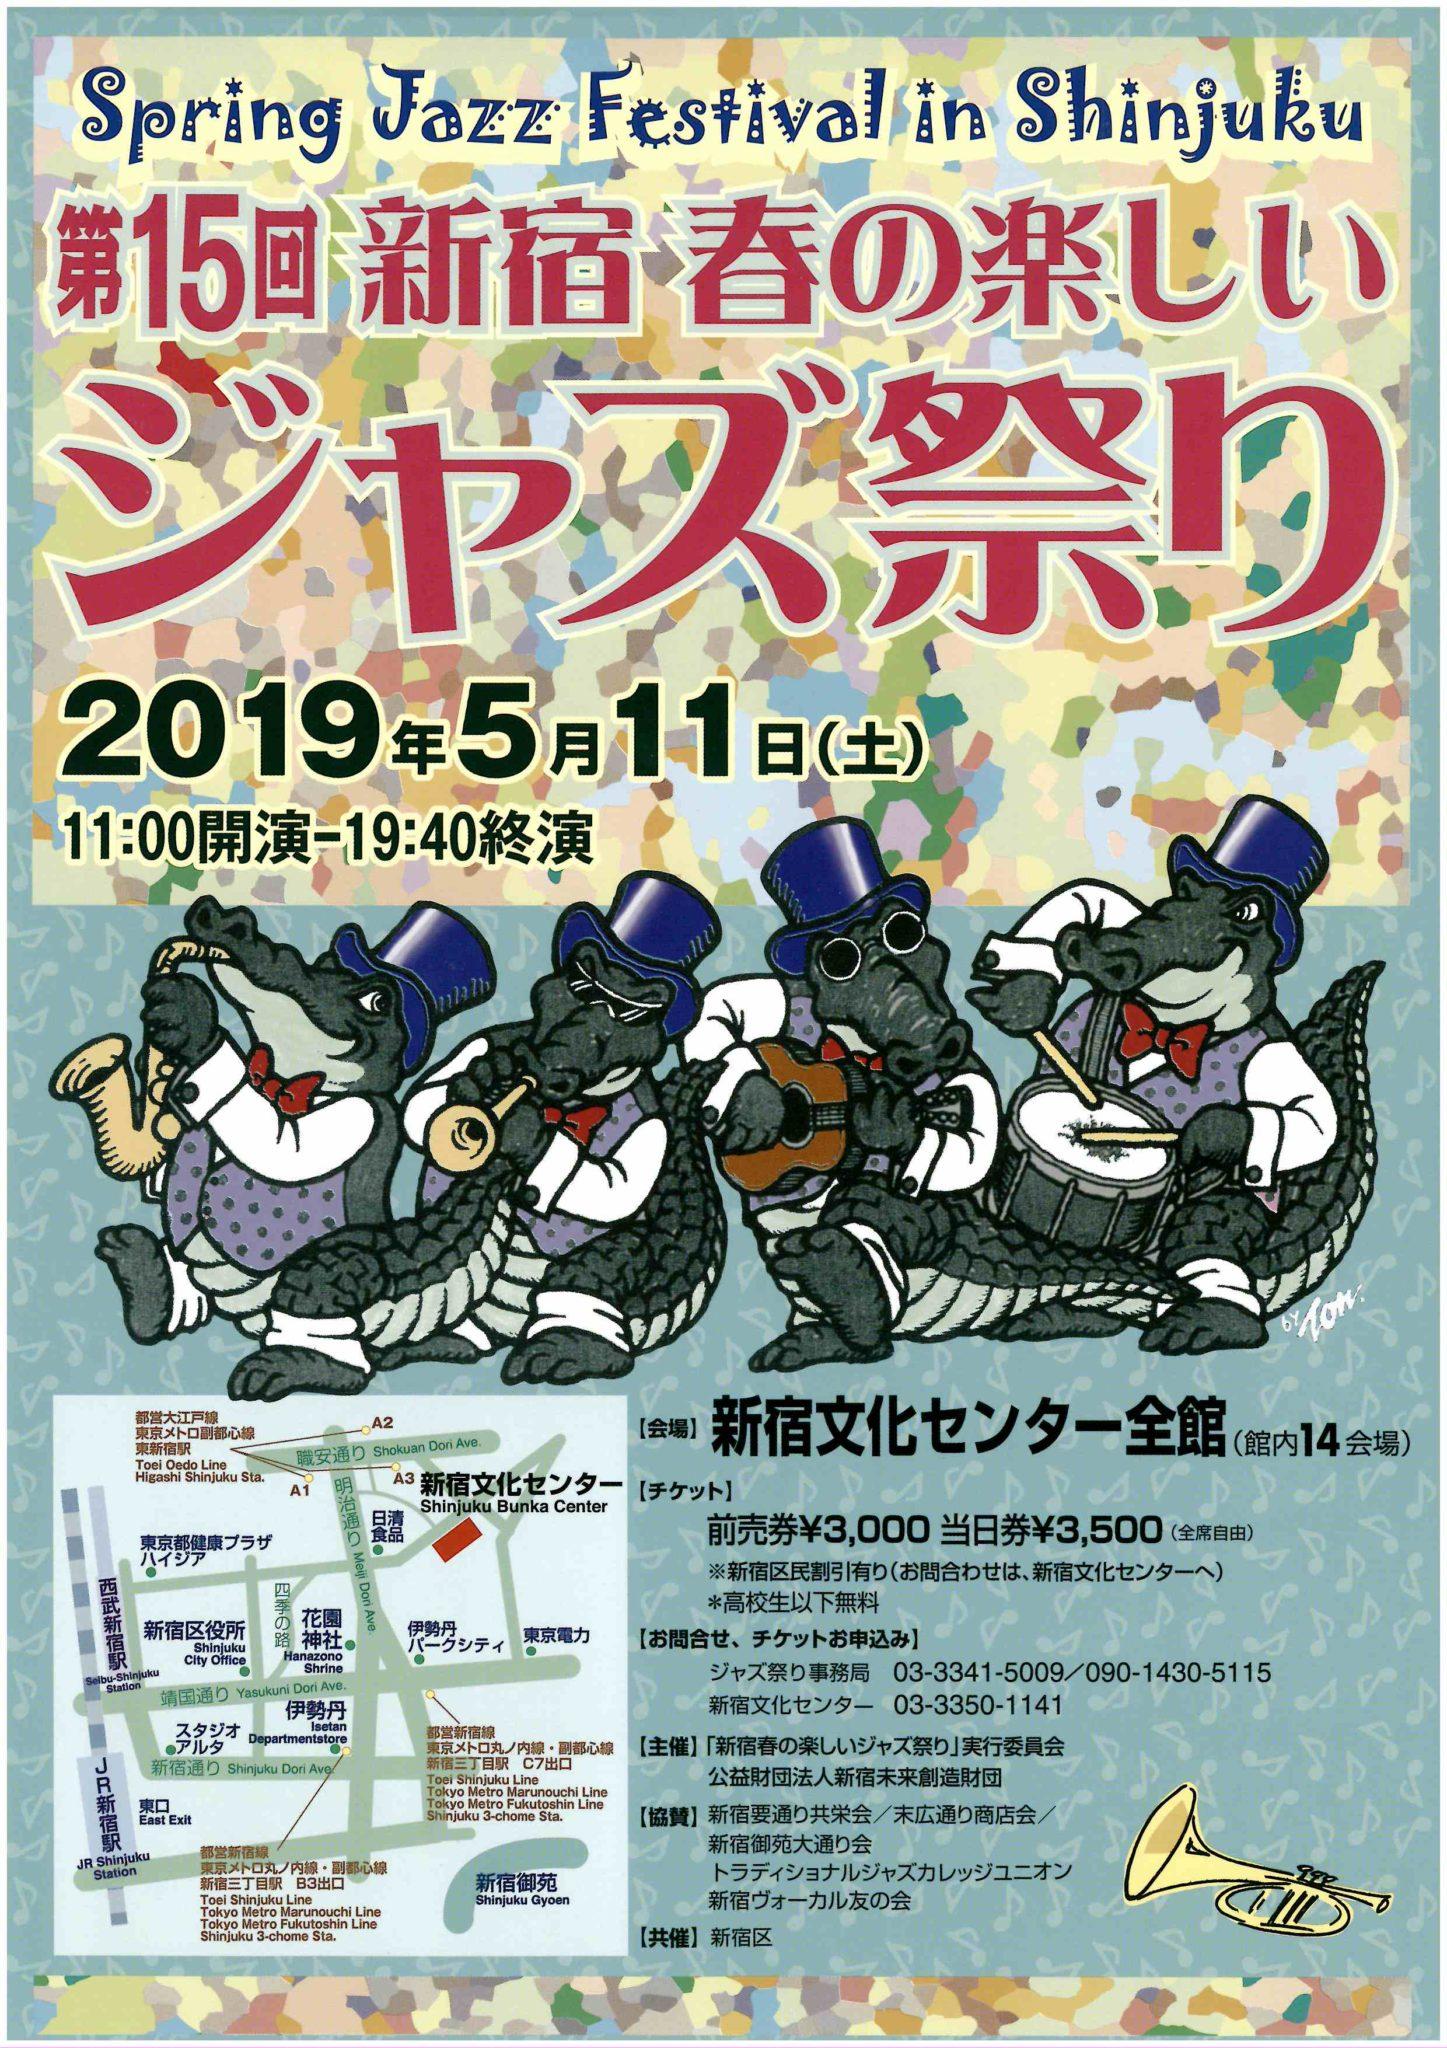 新宿 春の楽しいジャズ祭り2019